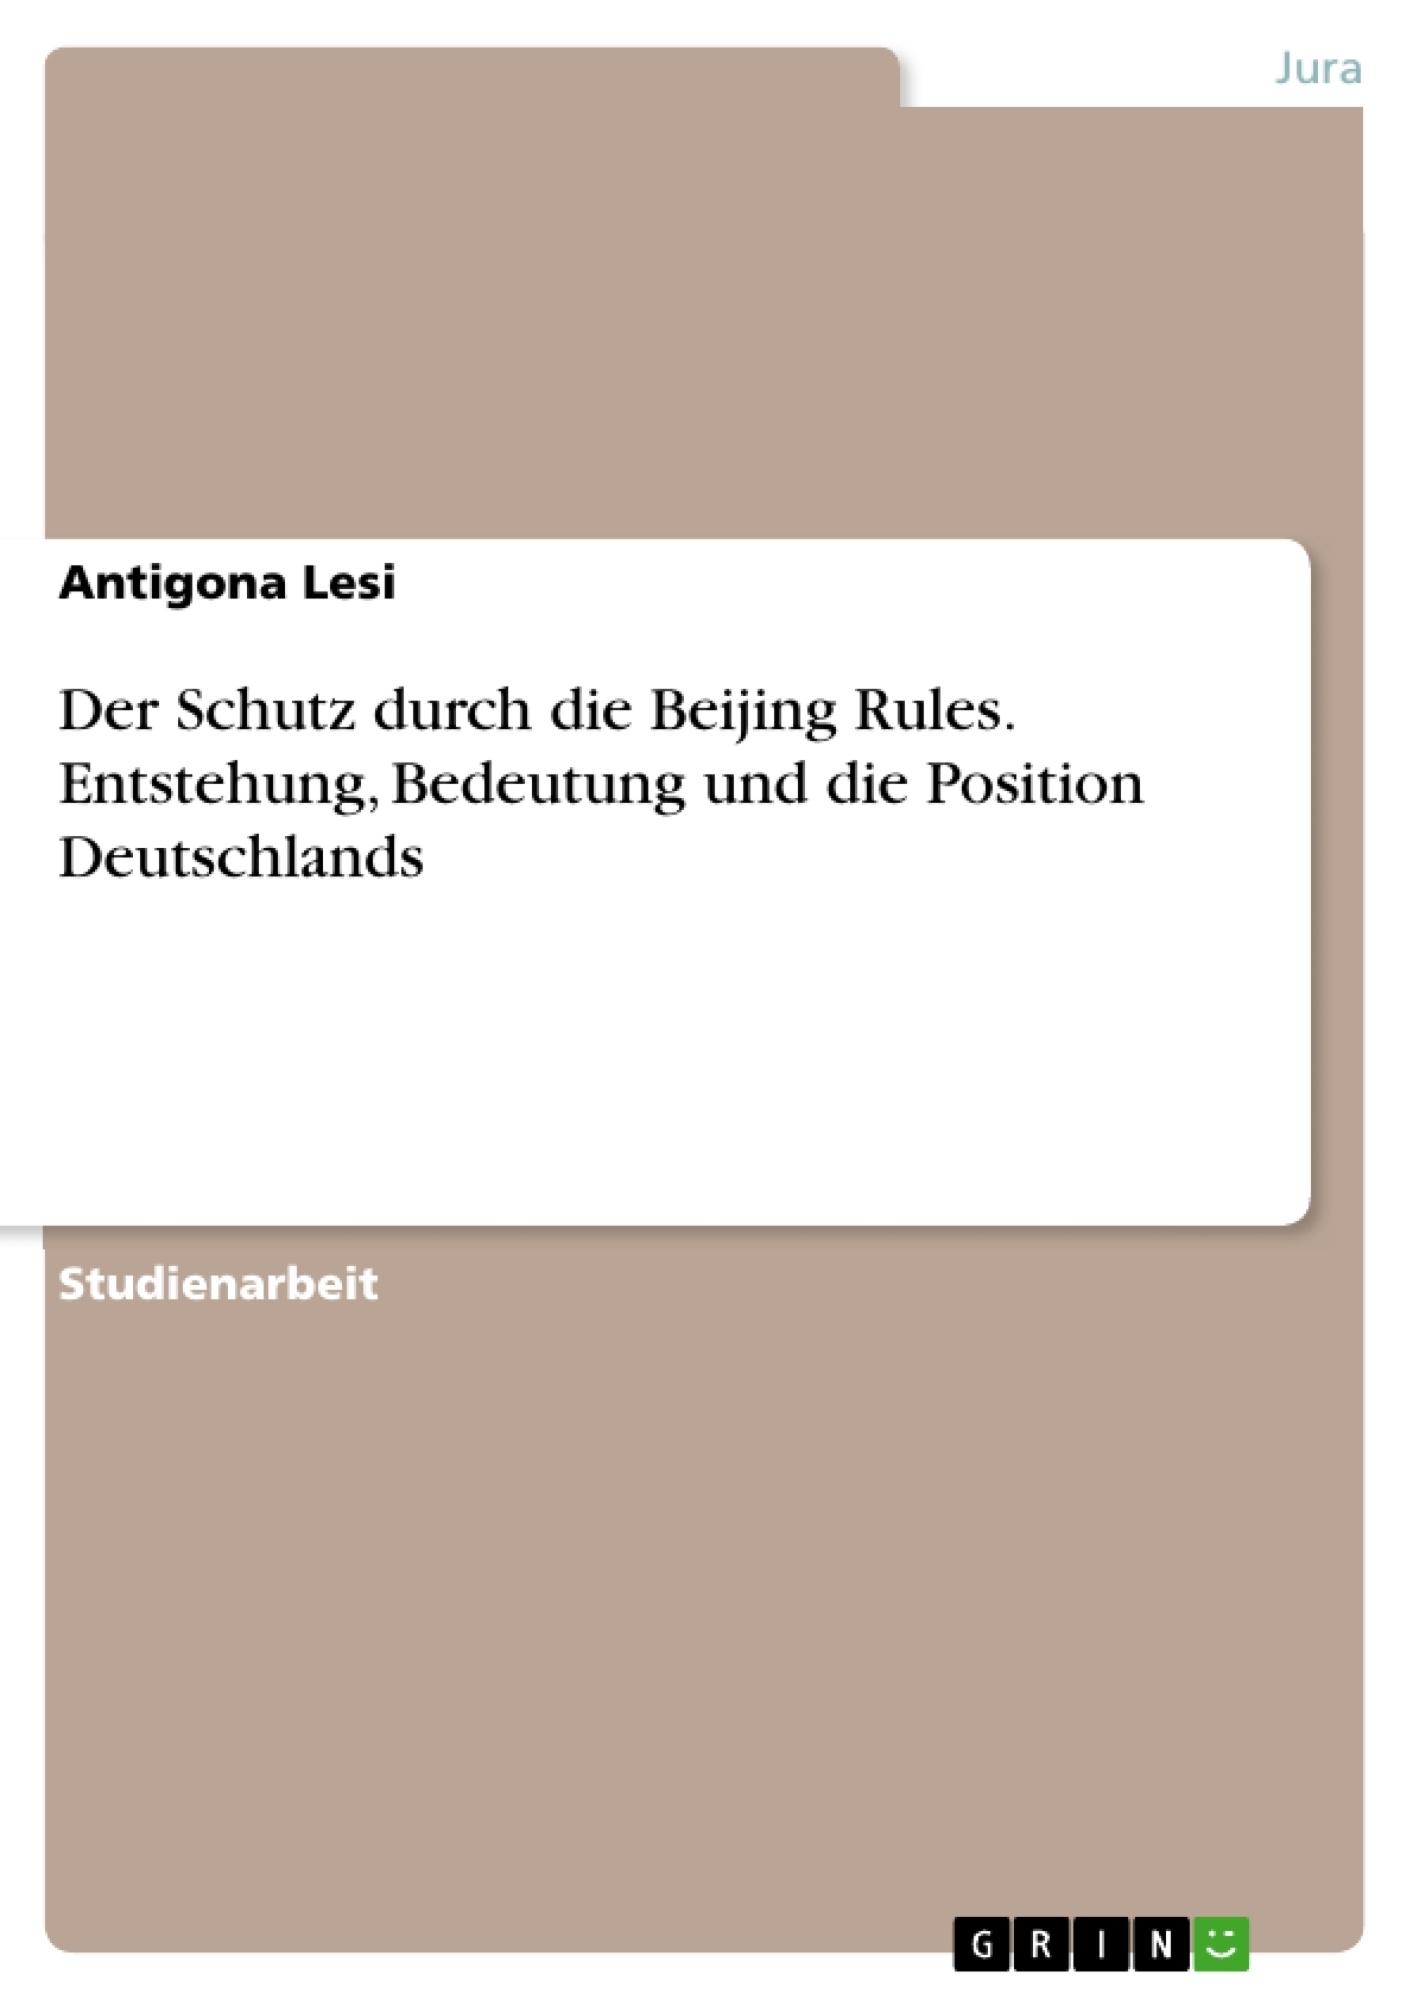 Titel: Der Schutz durch die Beijing Rules. Entstehung, Bedeutung und die Position Deutschlands